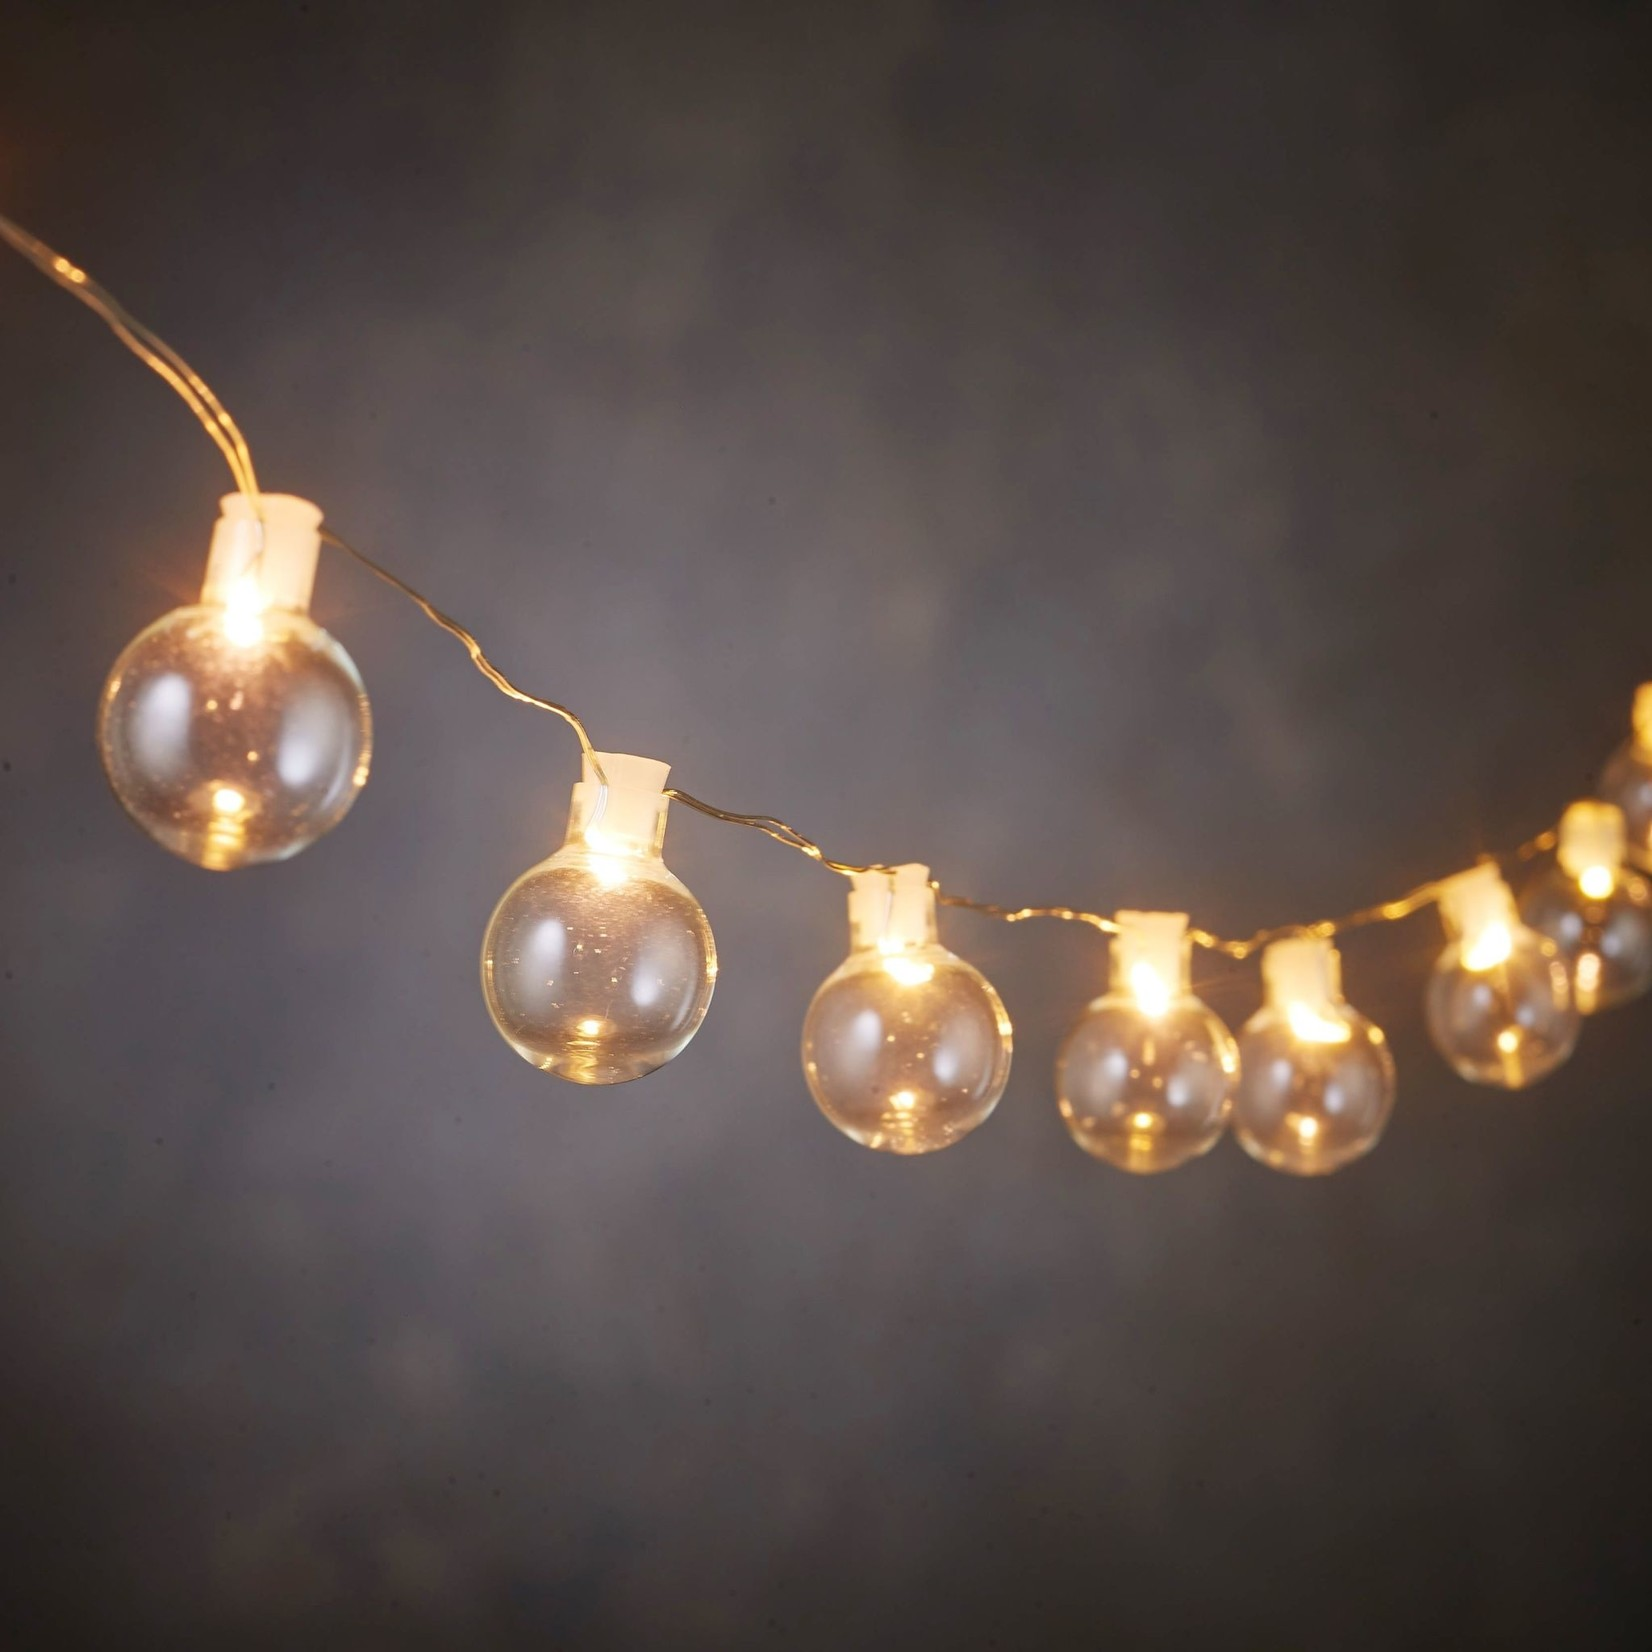 LED Clear Ball Strand